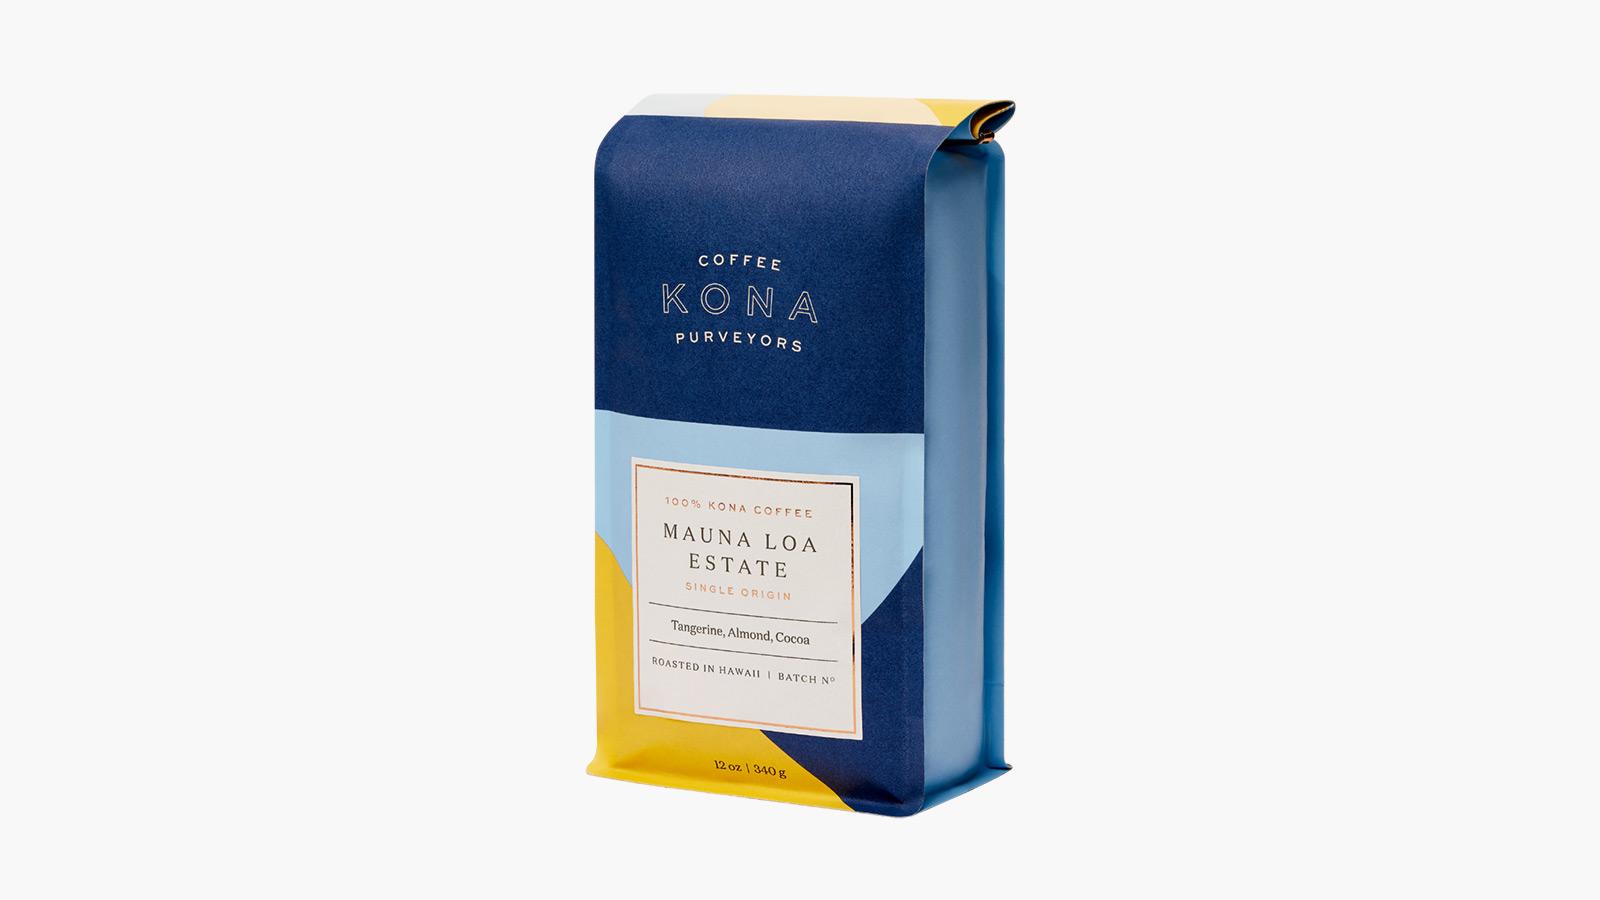 Kona Coffee Mauna Loa Estate